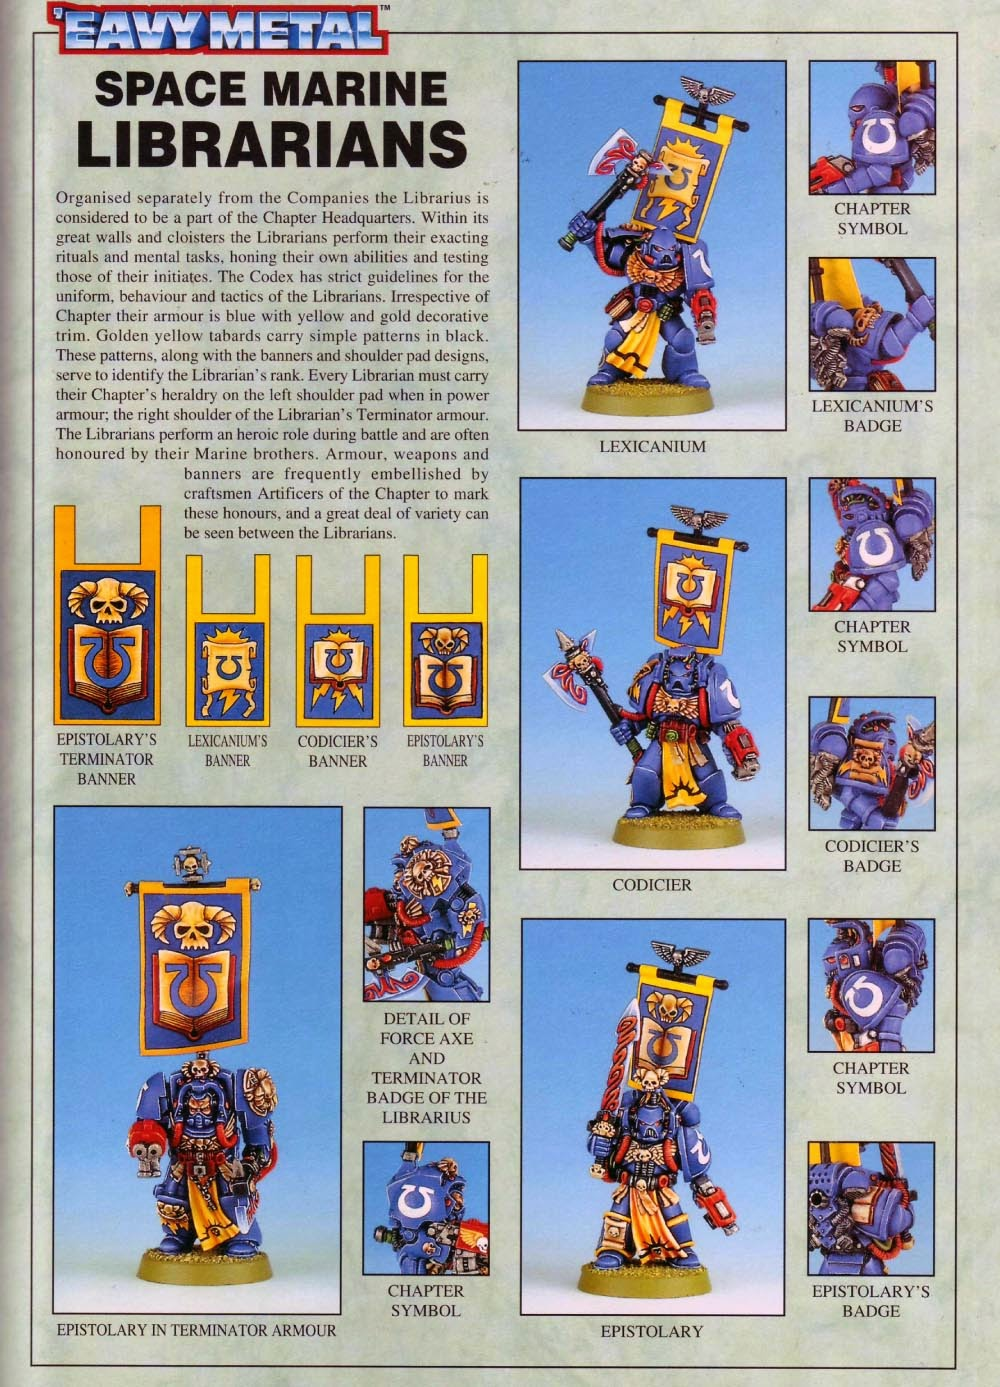 40k 3rd edition codex pdf